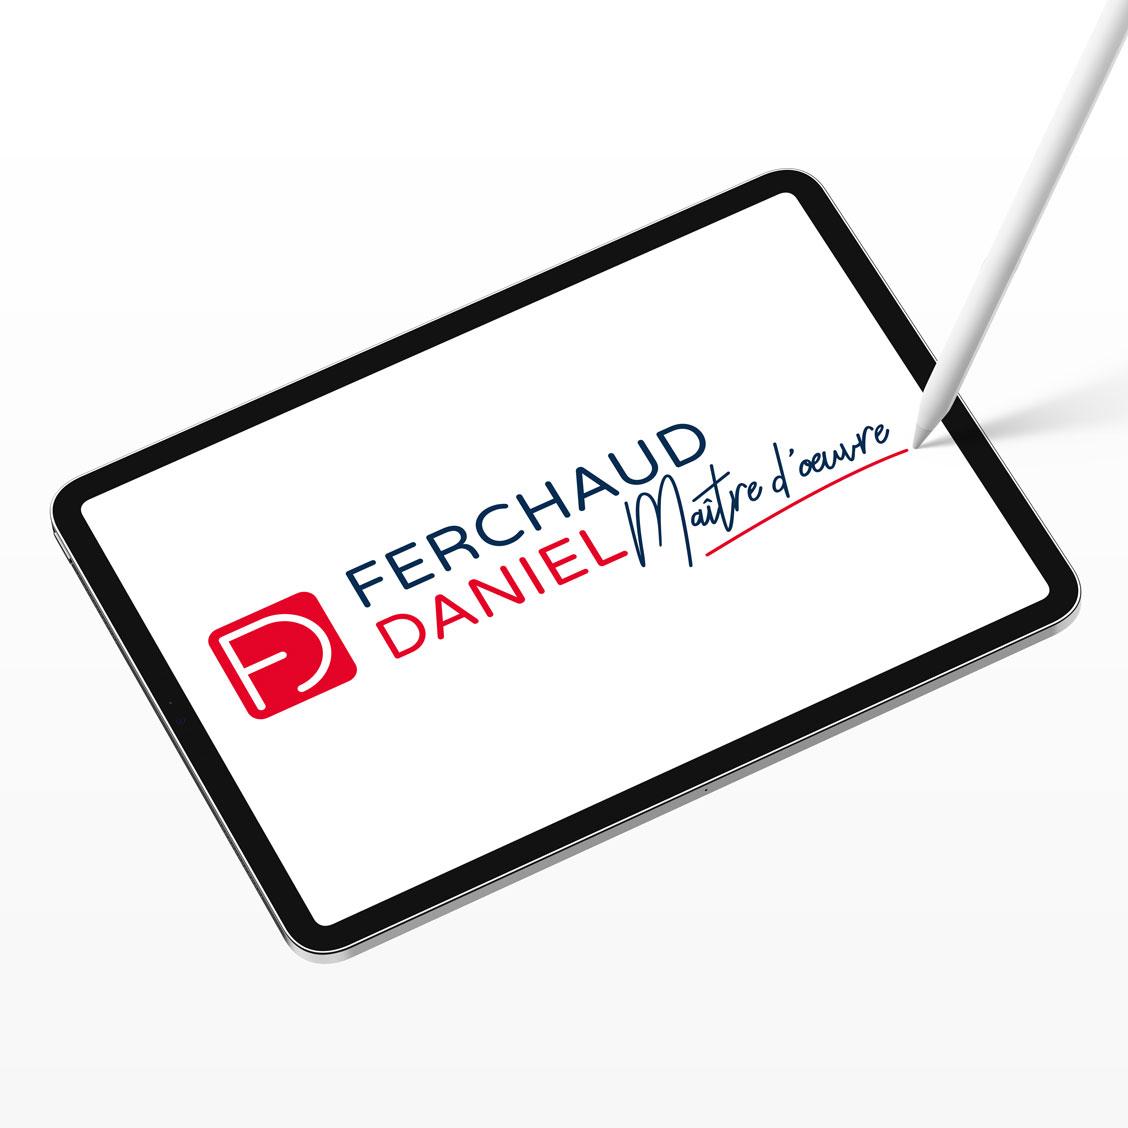 graffocean-challans-creation-logo-ferchaud-daniel